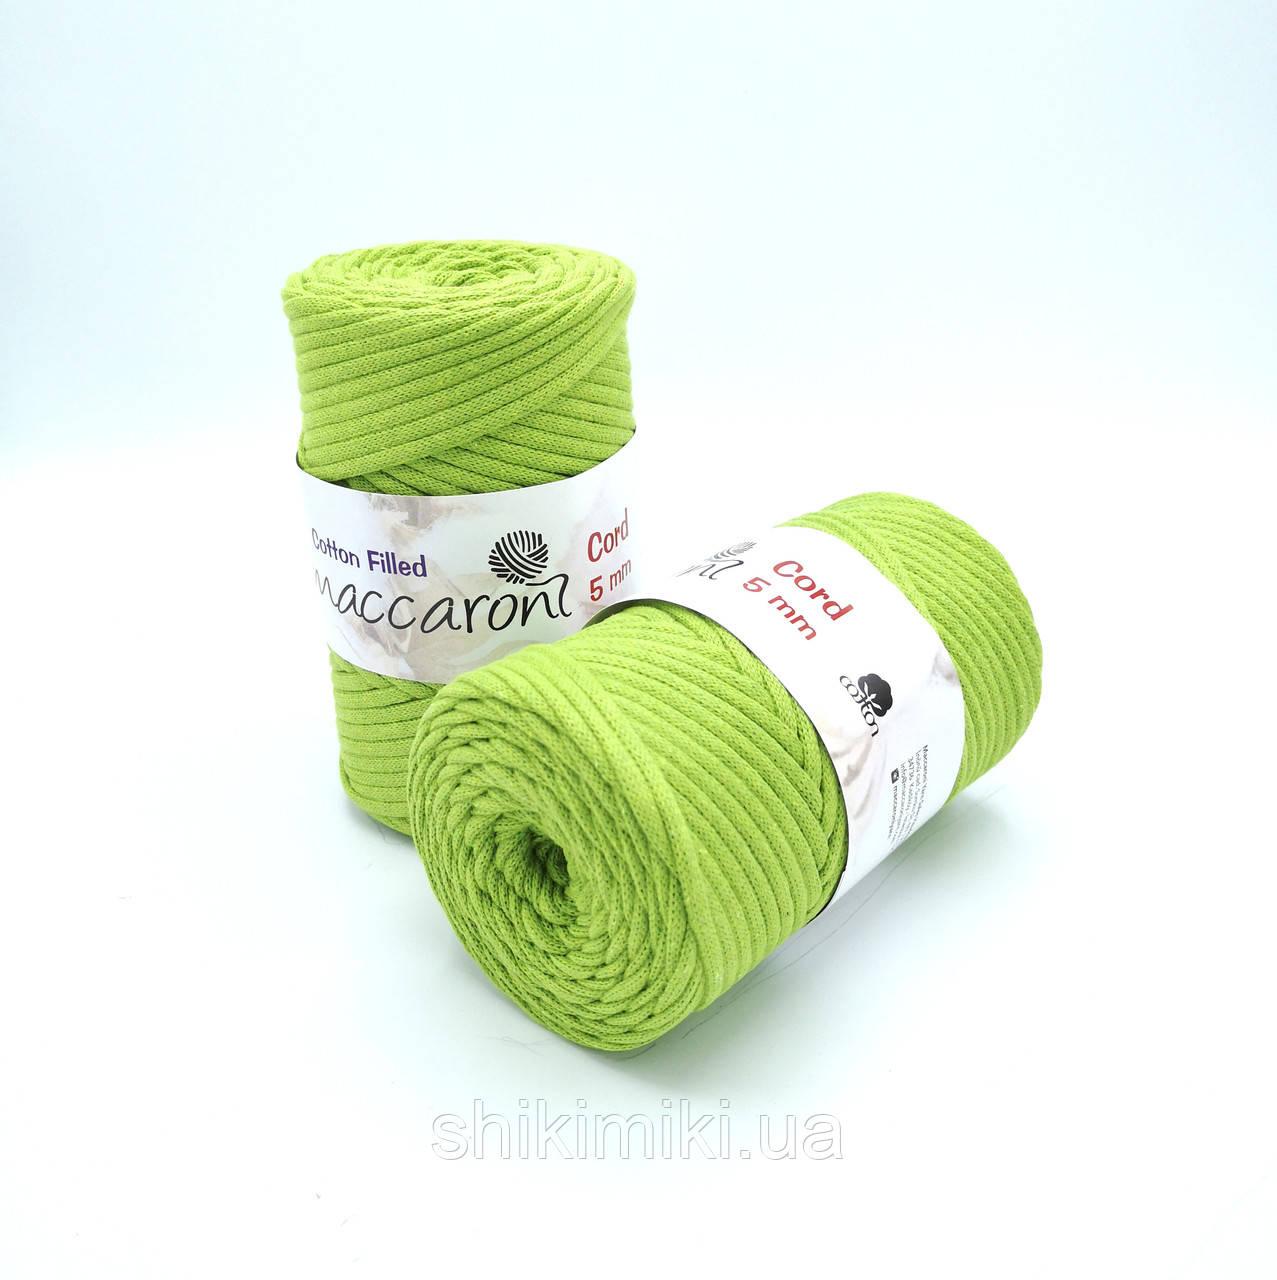 Трикотажный хлопковый шнур Cotton Filled 5 мм, цвет Салатовый